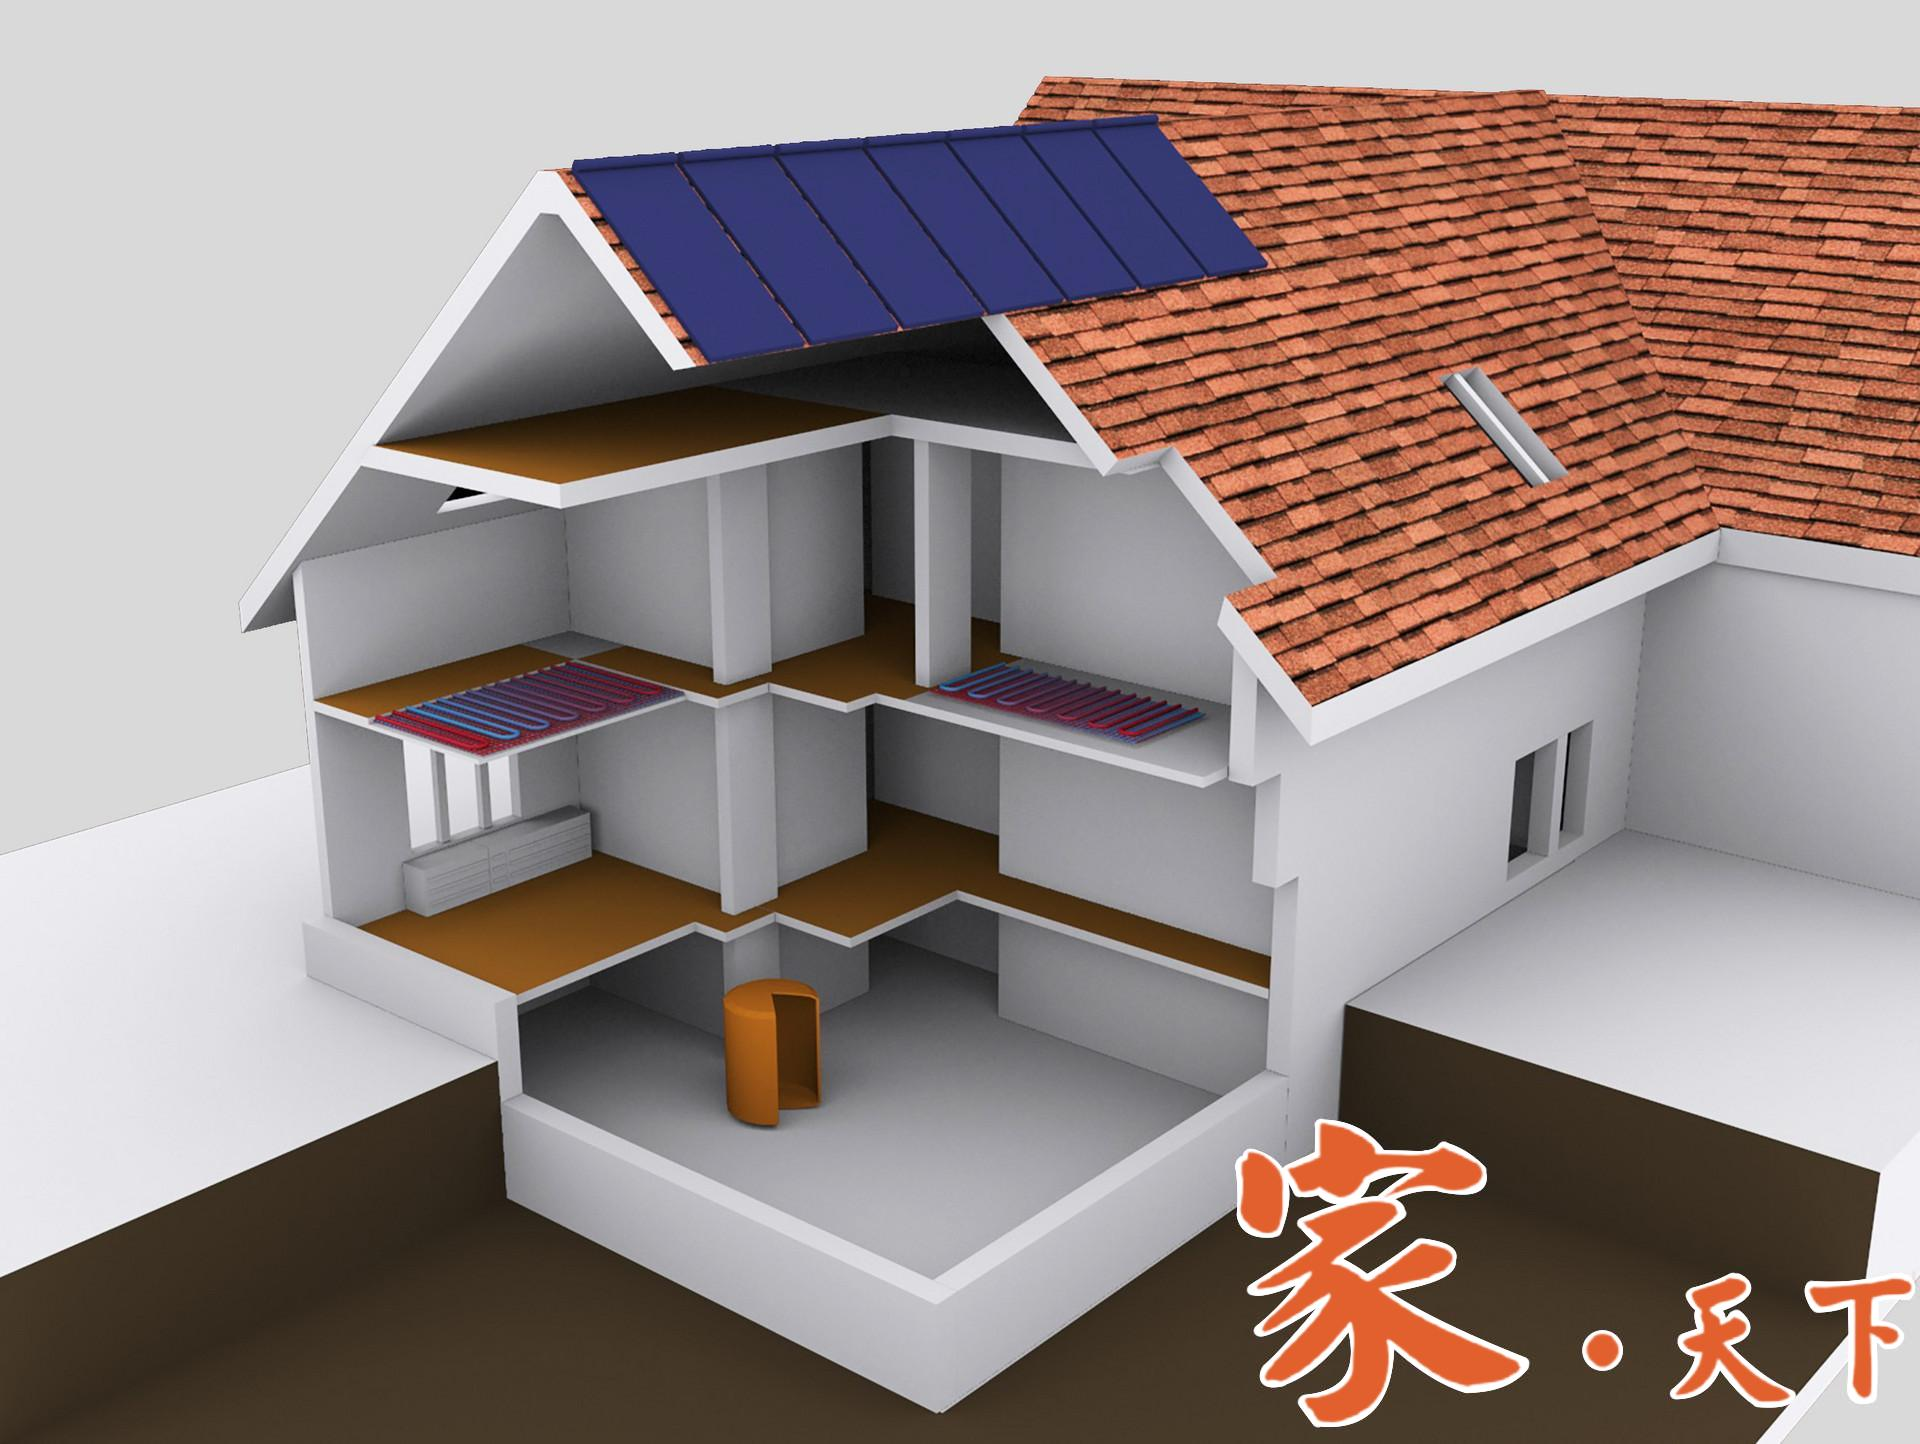 中华冷暧,专业从事冷暖设备安装维修保养,包括:专业冷暖、锅炉、热水炉、地暖、安装维修、室内装修等。